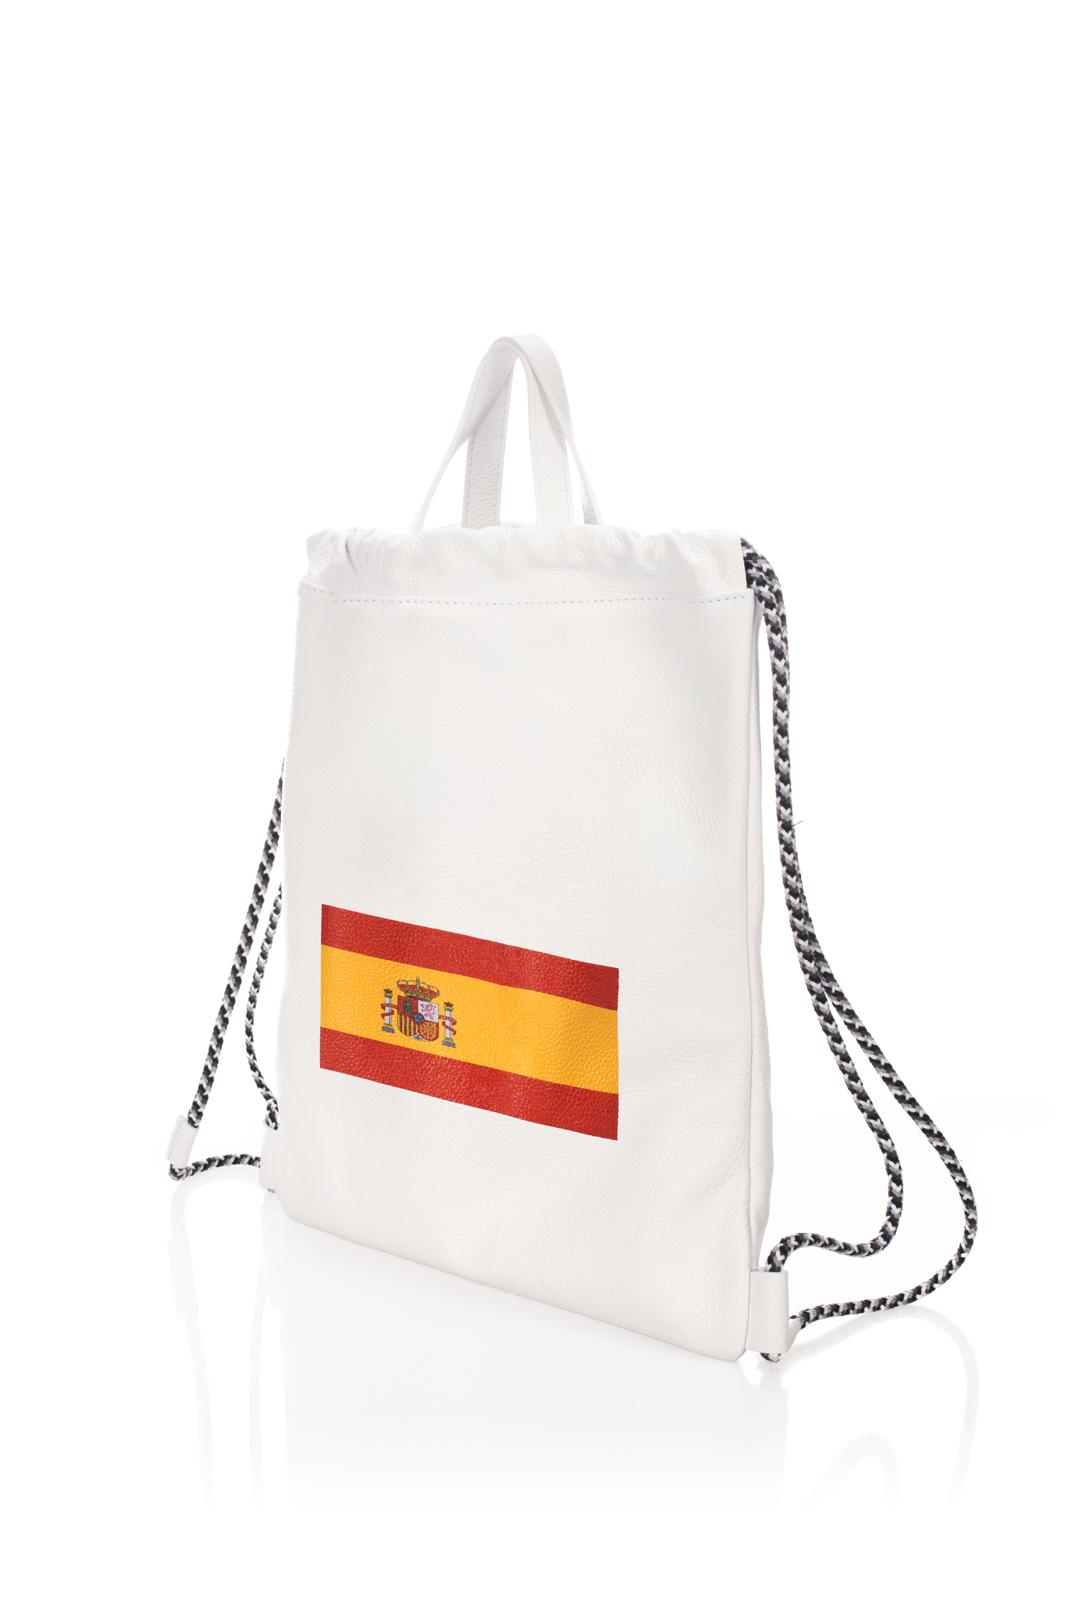 19049-SPAIN-2.jpg